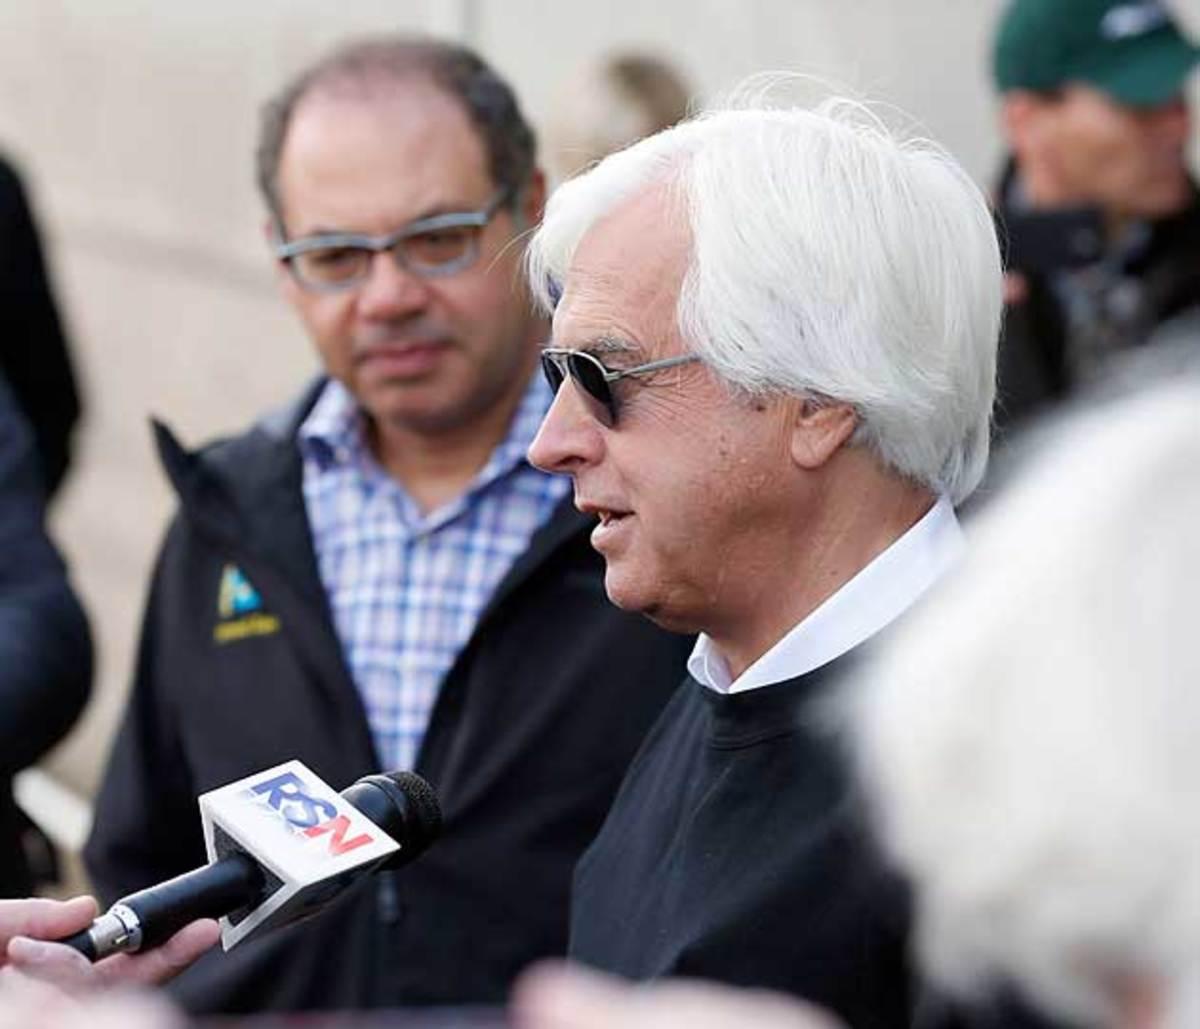 American Pharoah's owner, Ahmed Zayat (above, left), listens to Bob Baffert, the colt's trainer.